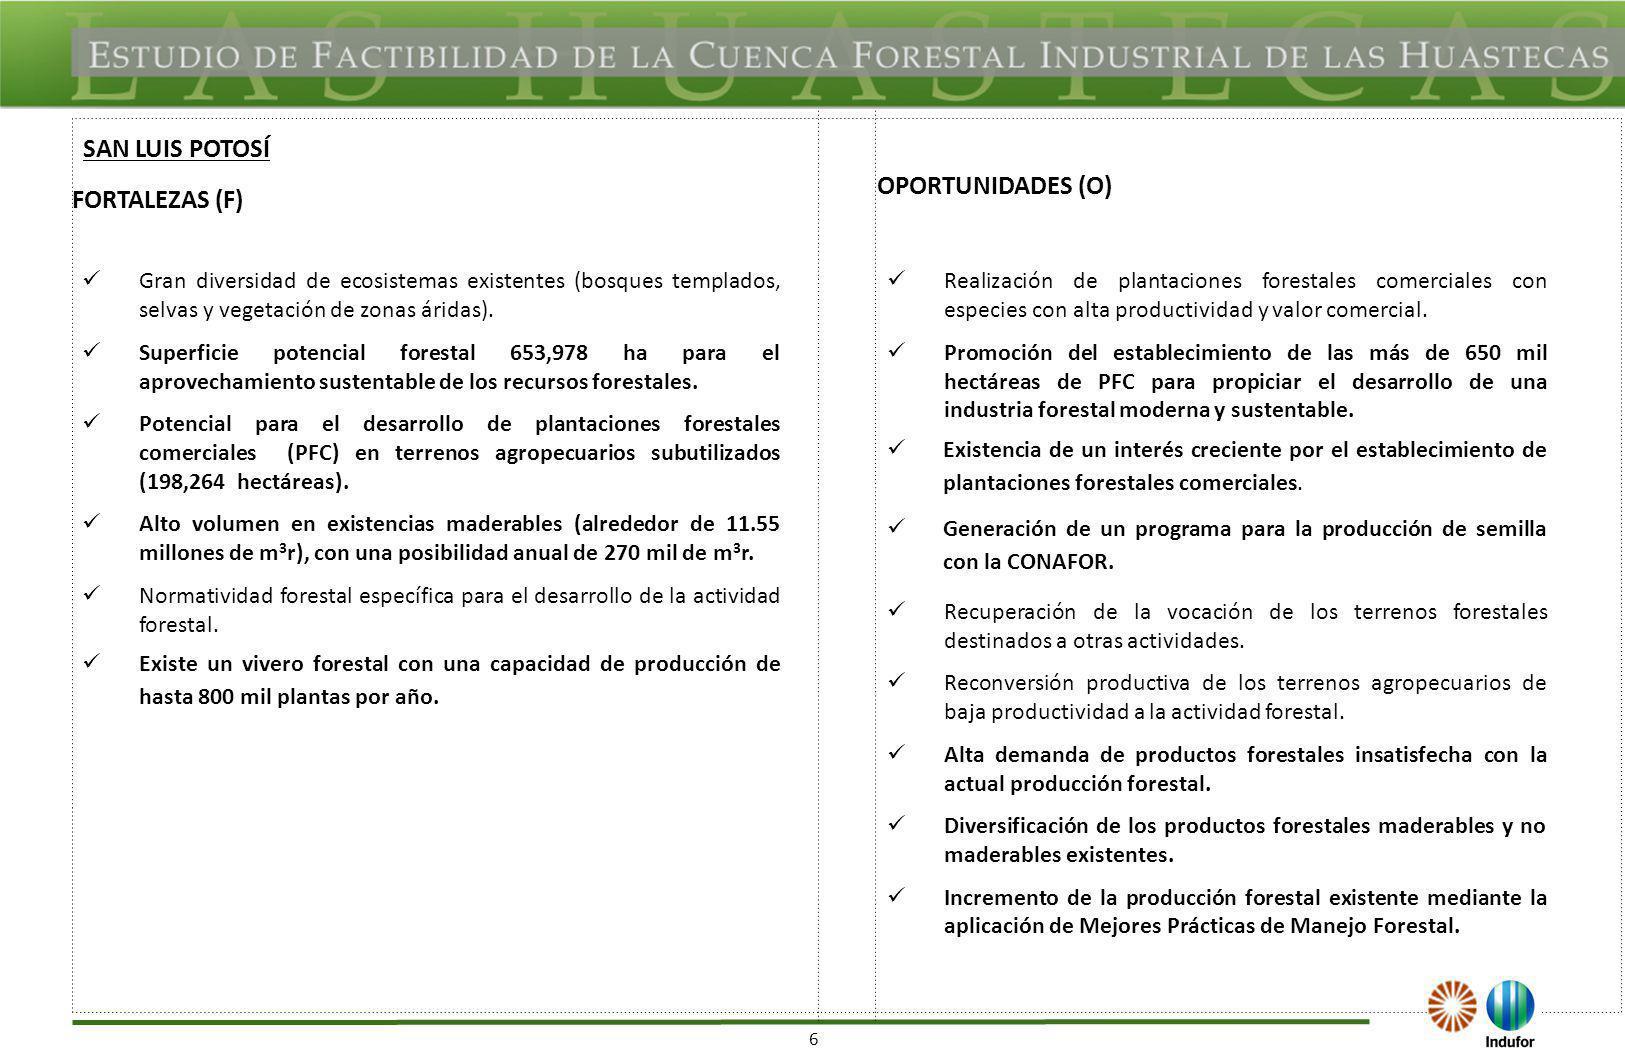 27 DEBILIDADES (D)AMENAZAS (A) Carencia de Ordenamientos Territoriales para el manejo sustentable de los recursos forestales.